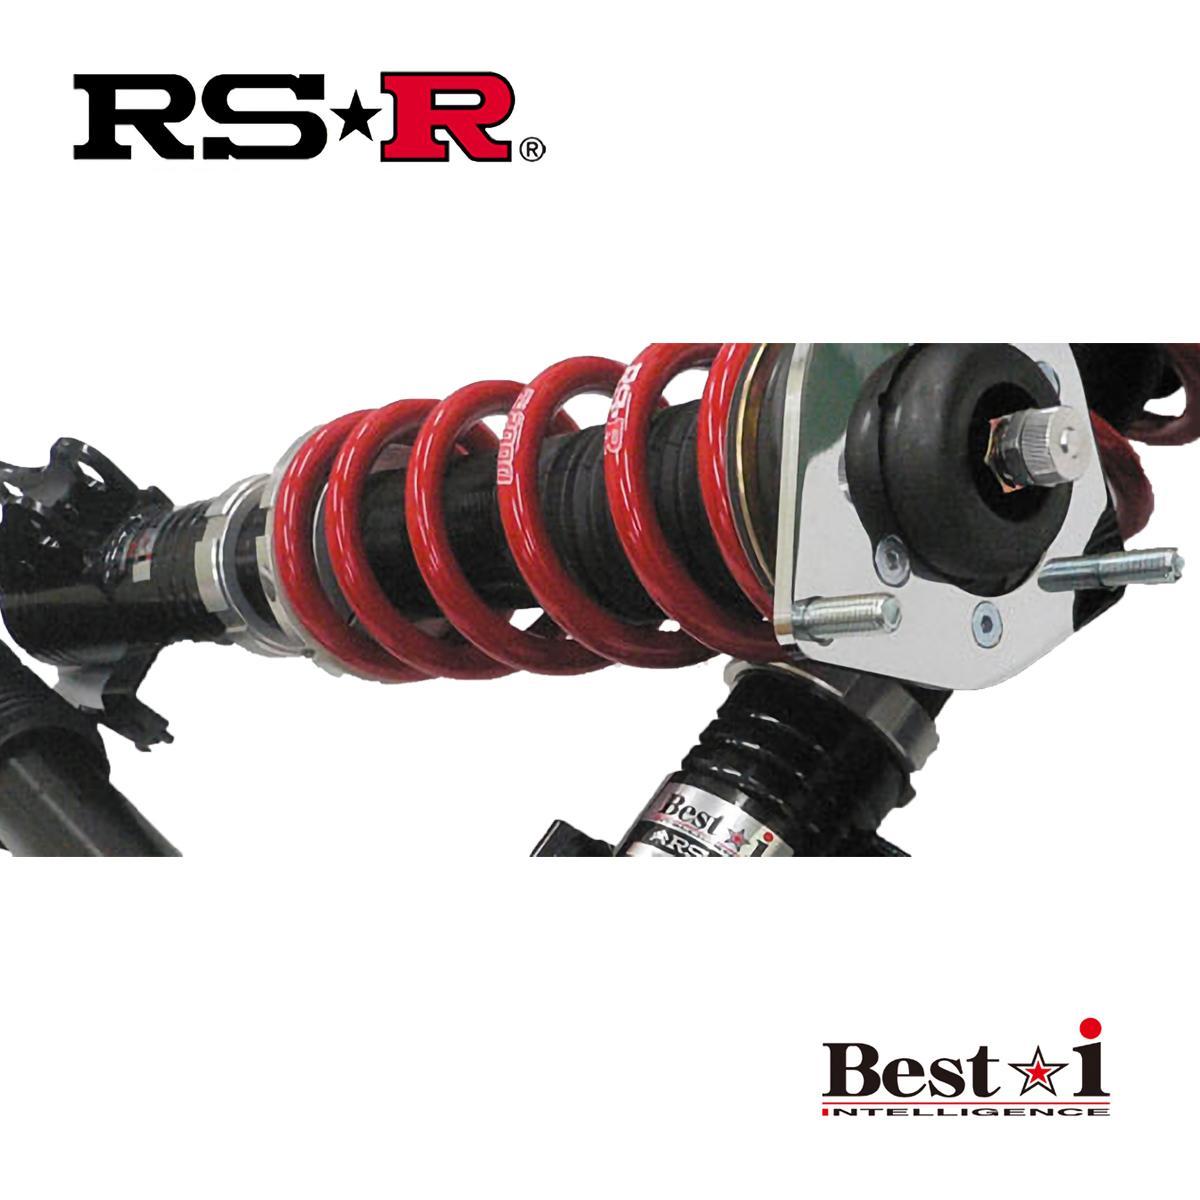 RS-R ヴェルファイア 2.5X AGH35W 車高調 リア車高調整:ネジ式 BIT945M ベストi RSR 個人宅発送追金有